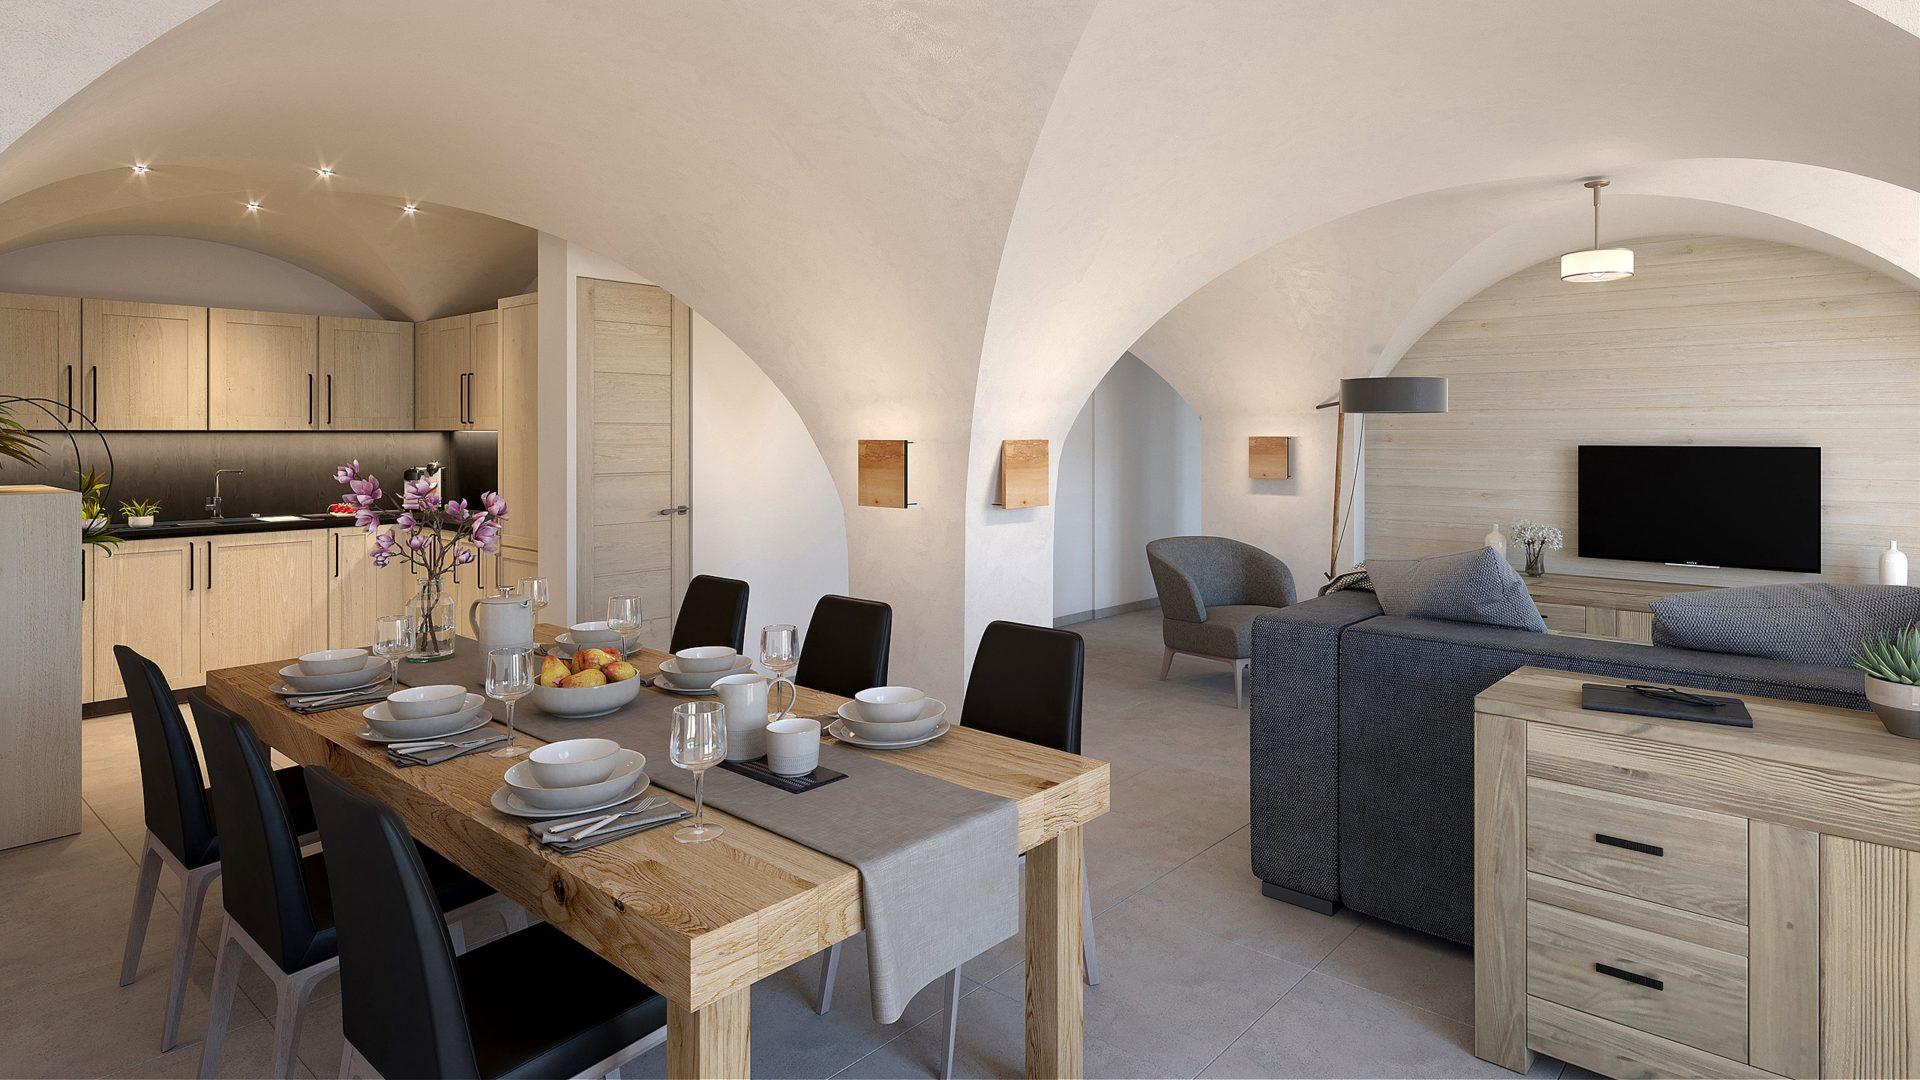 L'Épicerie / Appartement 1 / Saint Martin de Belleville, Savoie